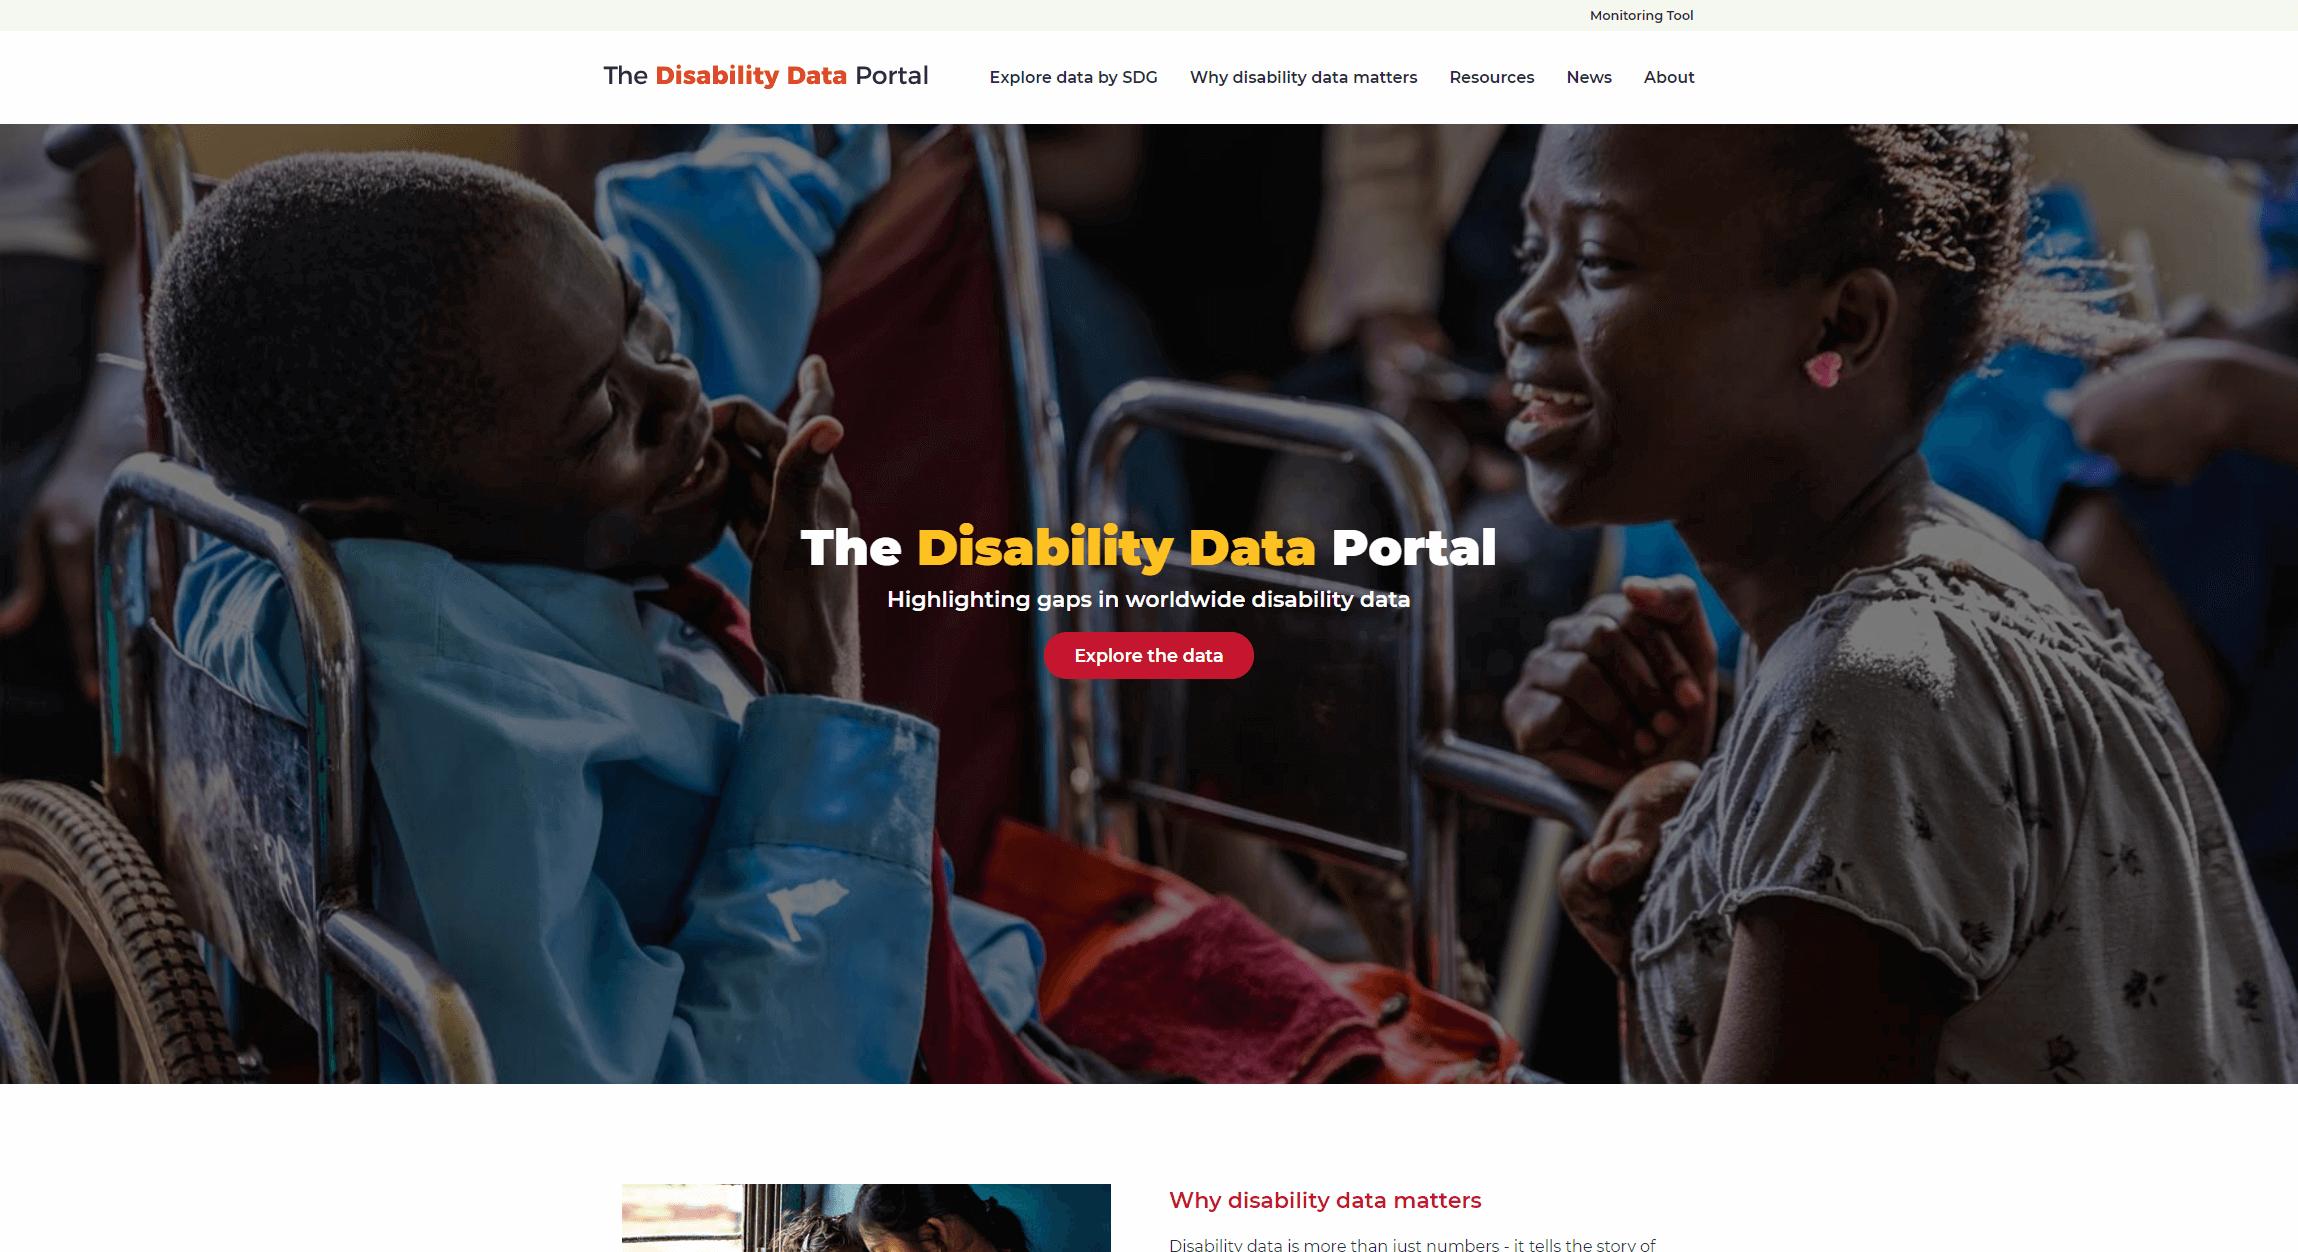 www.disabilitydataportal.com